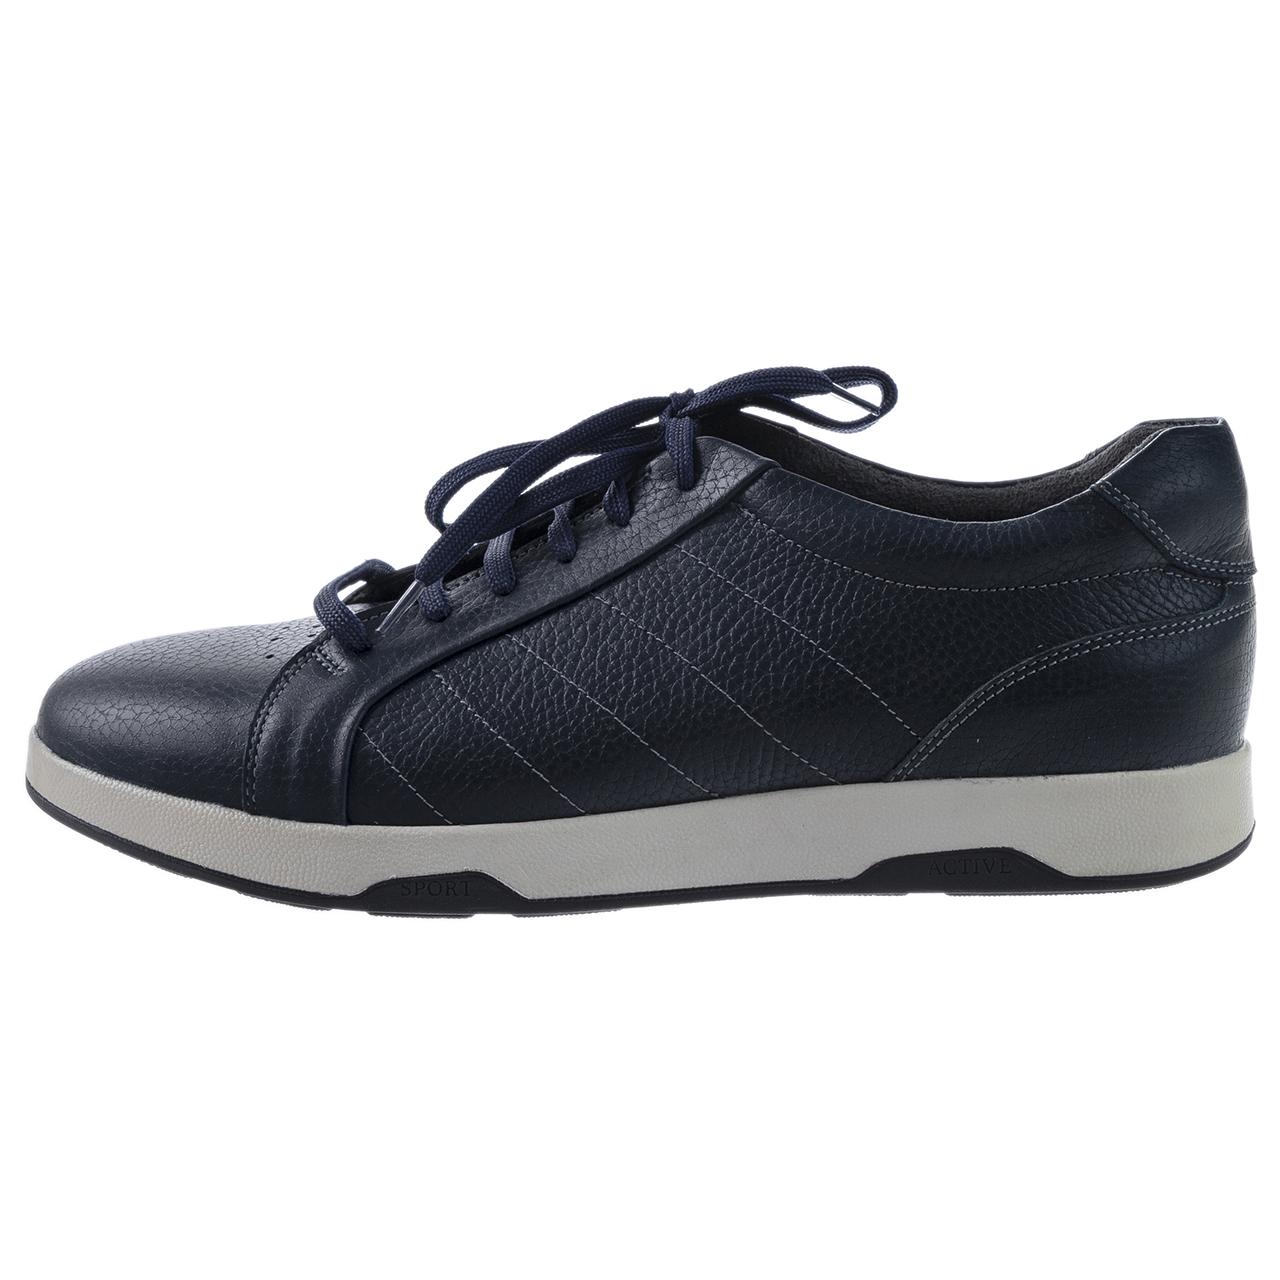 کفش مردانه چرم طبیعی مدل اسپرت سرمه ای کد19